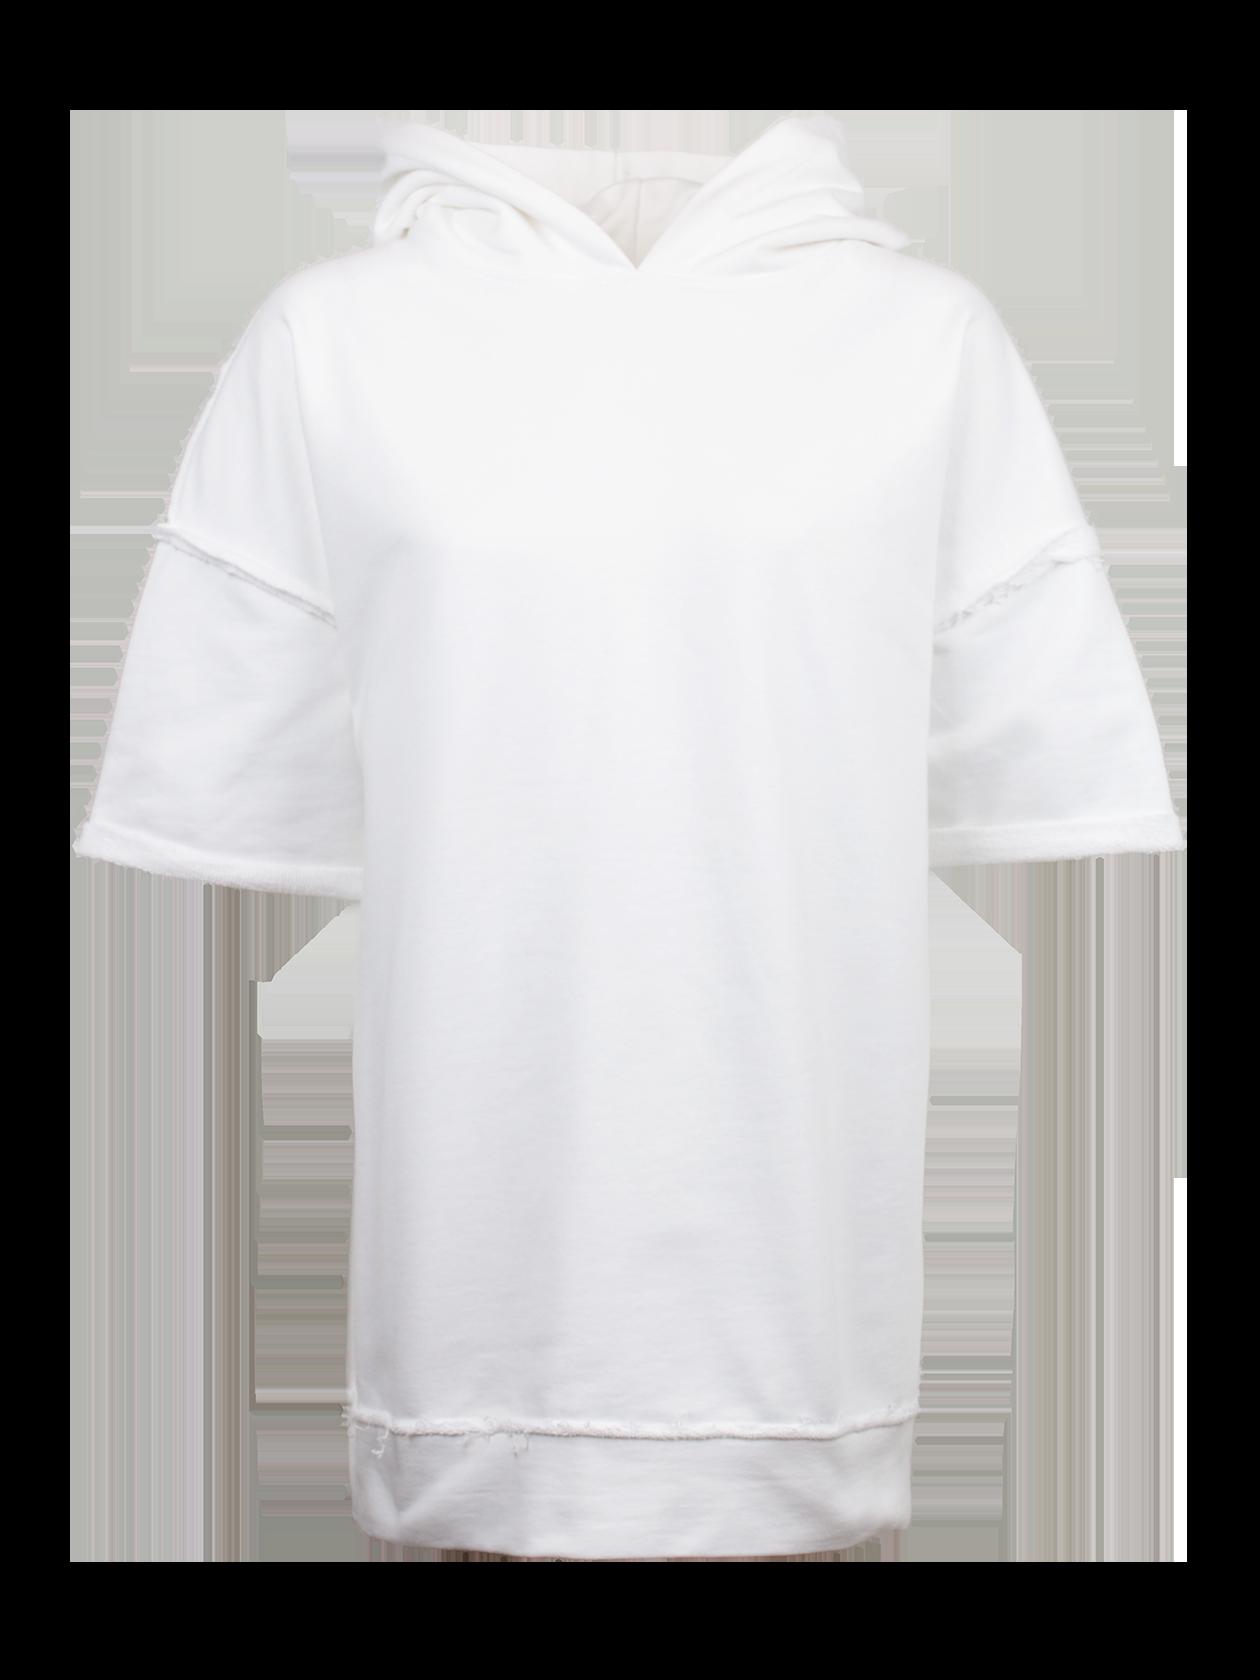 Худи женская OUTWARDSОригинальная худи женская Outwards из коллекции Black Star Wear поможет в создании стильного лука на каждый день. Модель нестандартного удлиненного кроя со спущенной линией плеча, переходящей в небольшой широкий рукав. Изделие дополнено капюшоном. По низу оформлена широкая вставка из основного материала. Худи выполнена из 100% хлопка премиального качества, представлена в базовой белой расцветке. Декоративные элементы – швы «наизнанку» на рукаве и в нижней части вещи.<br><br>Размер: XS<br>Цвет: Белый<br>Пол: Женский